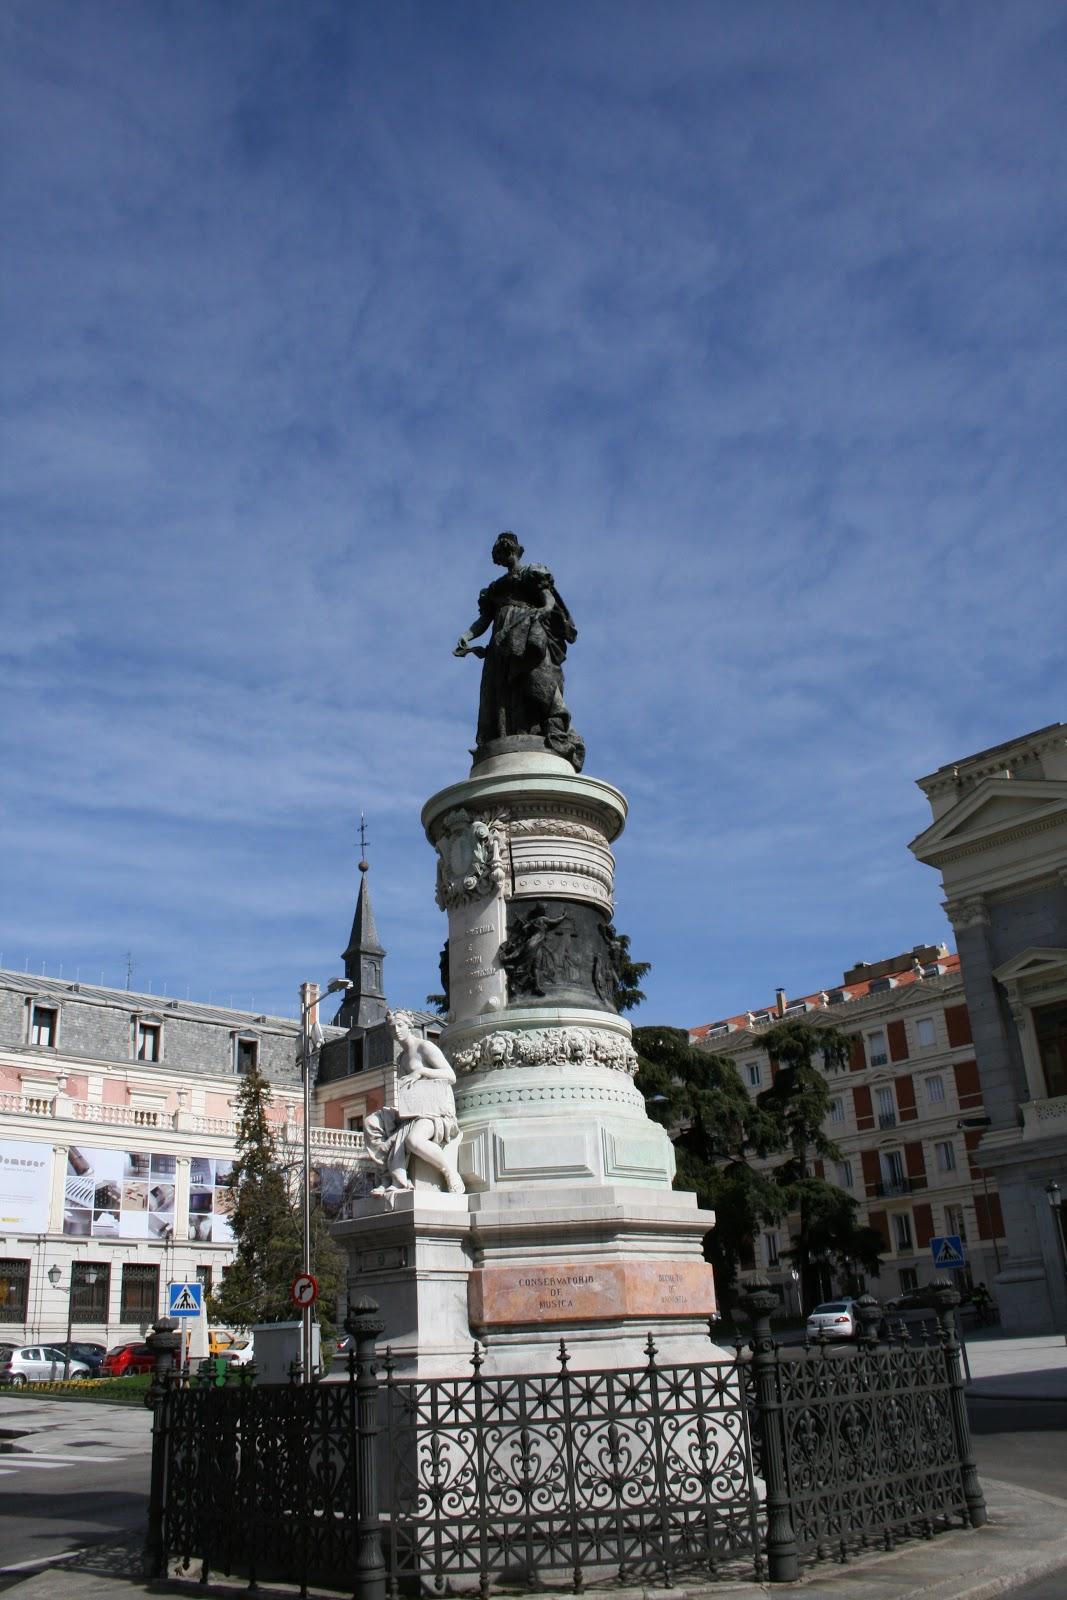 http://1.bp.blogspot.com/-nIPjmExIORI/UJ054nRVL6I/AAAAAAAALC4/K7dowss24QY/s1600/MADRID+ESTATUA+DE+LA+REINA+MARIA+CRISTINA.jpg